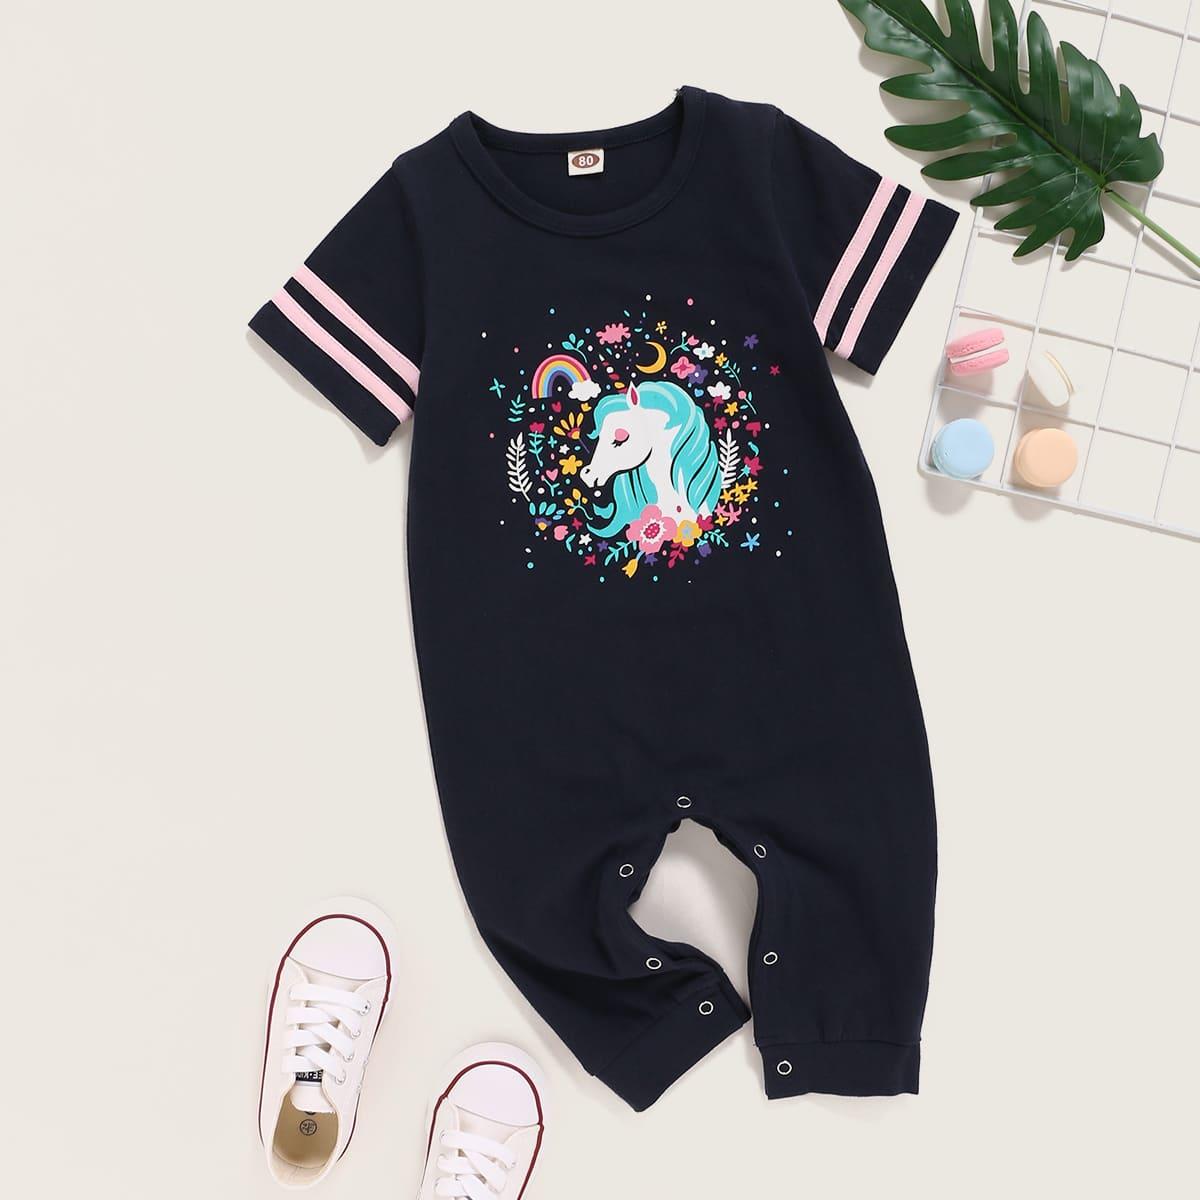 Темно-синий лента Со цветочками Повседневный Боди для малышей от SHEIN